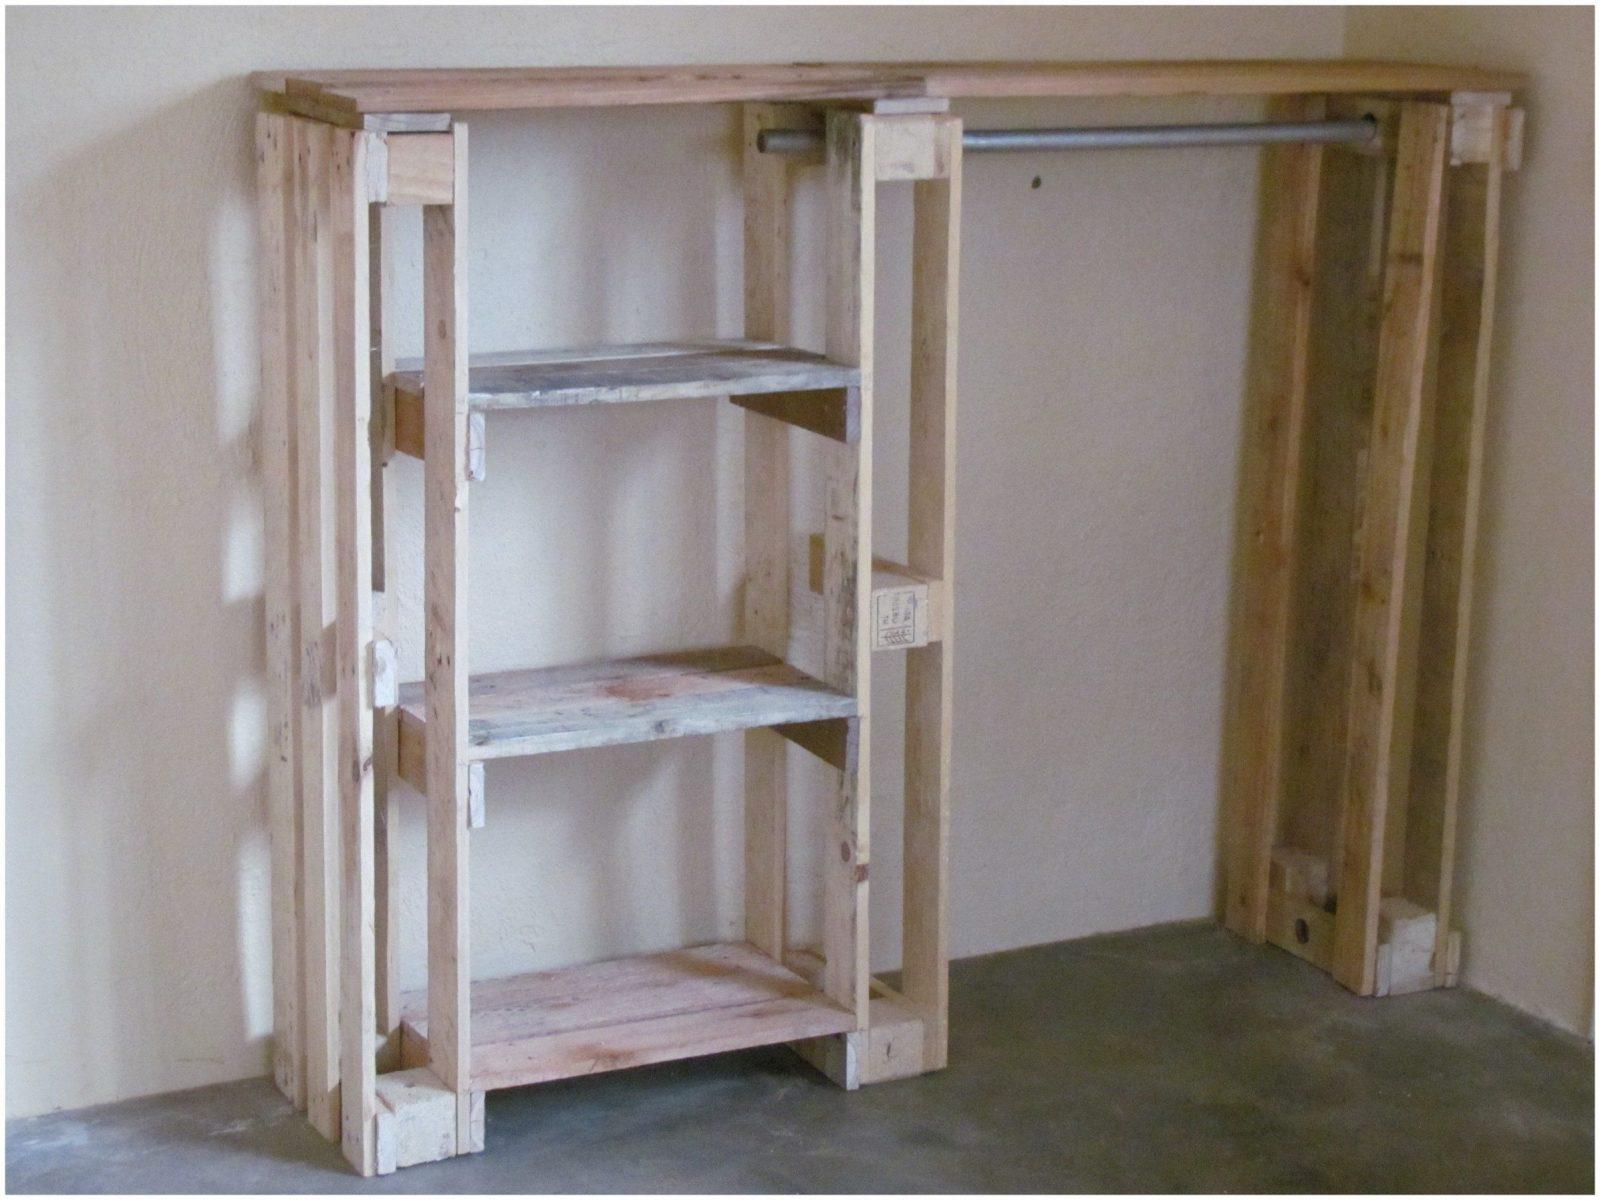 Garderobe selber bauen aus paletten haus design ideen - Pool rutsche selber bauen ...